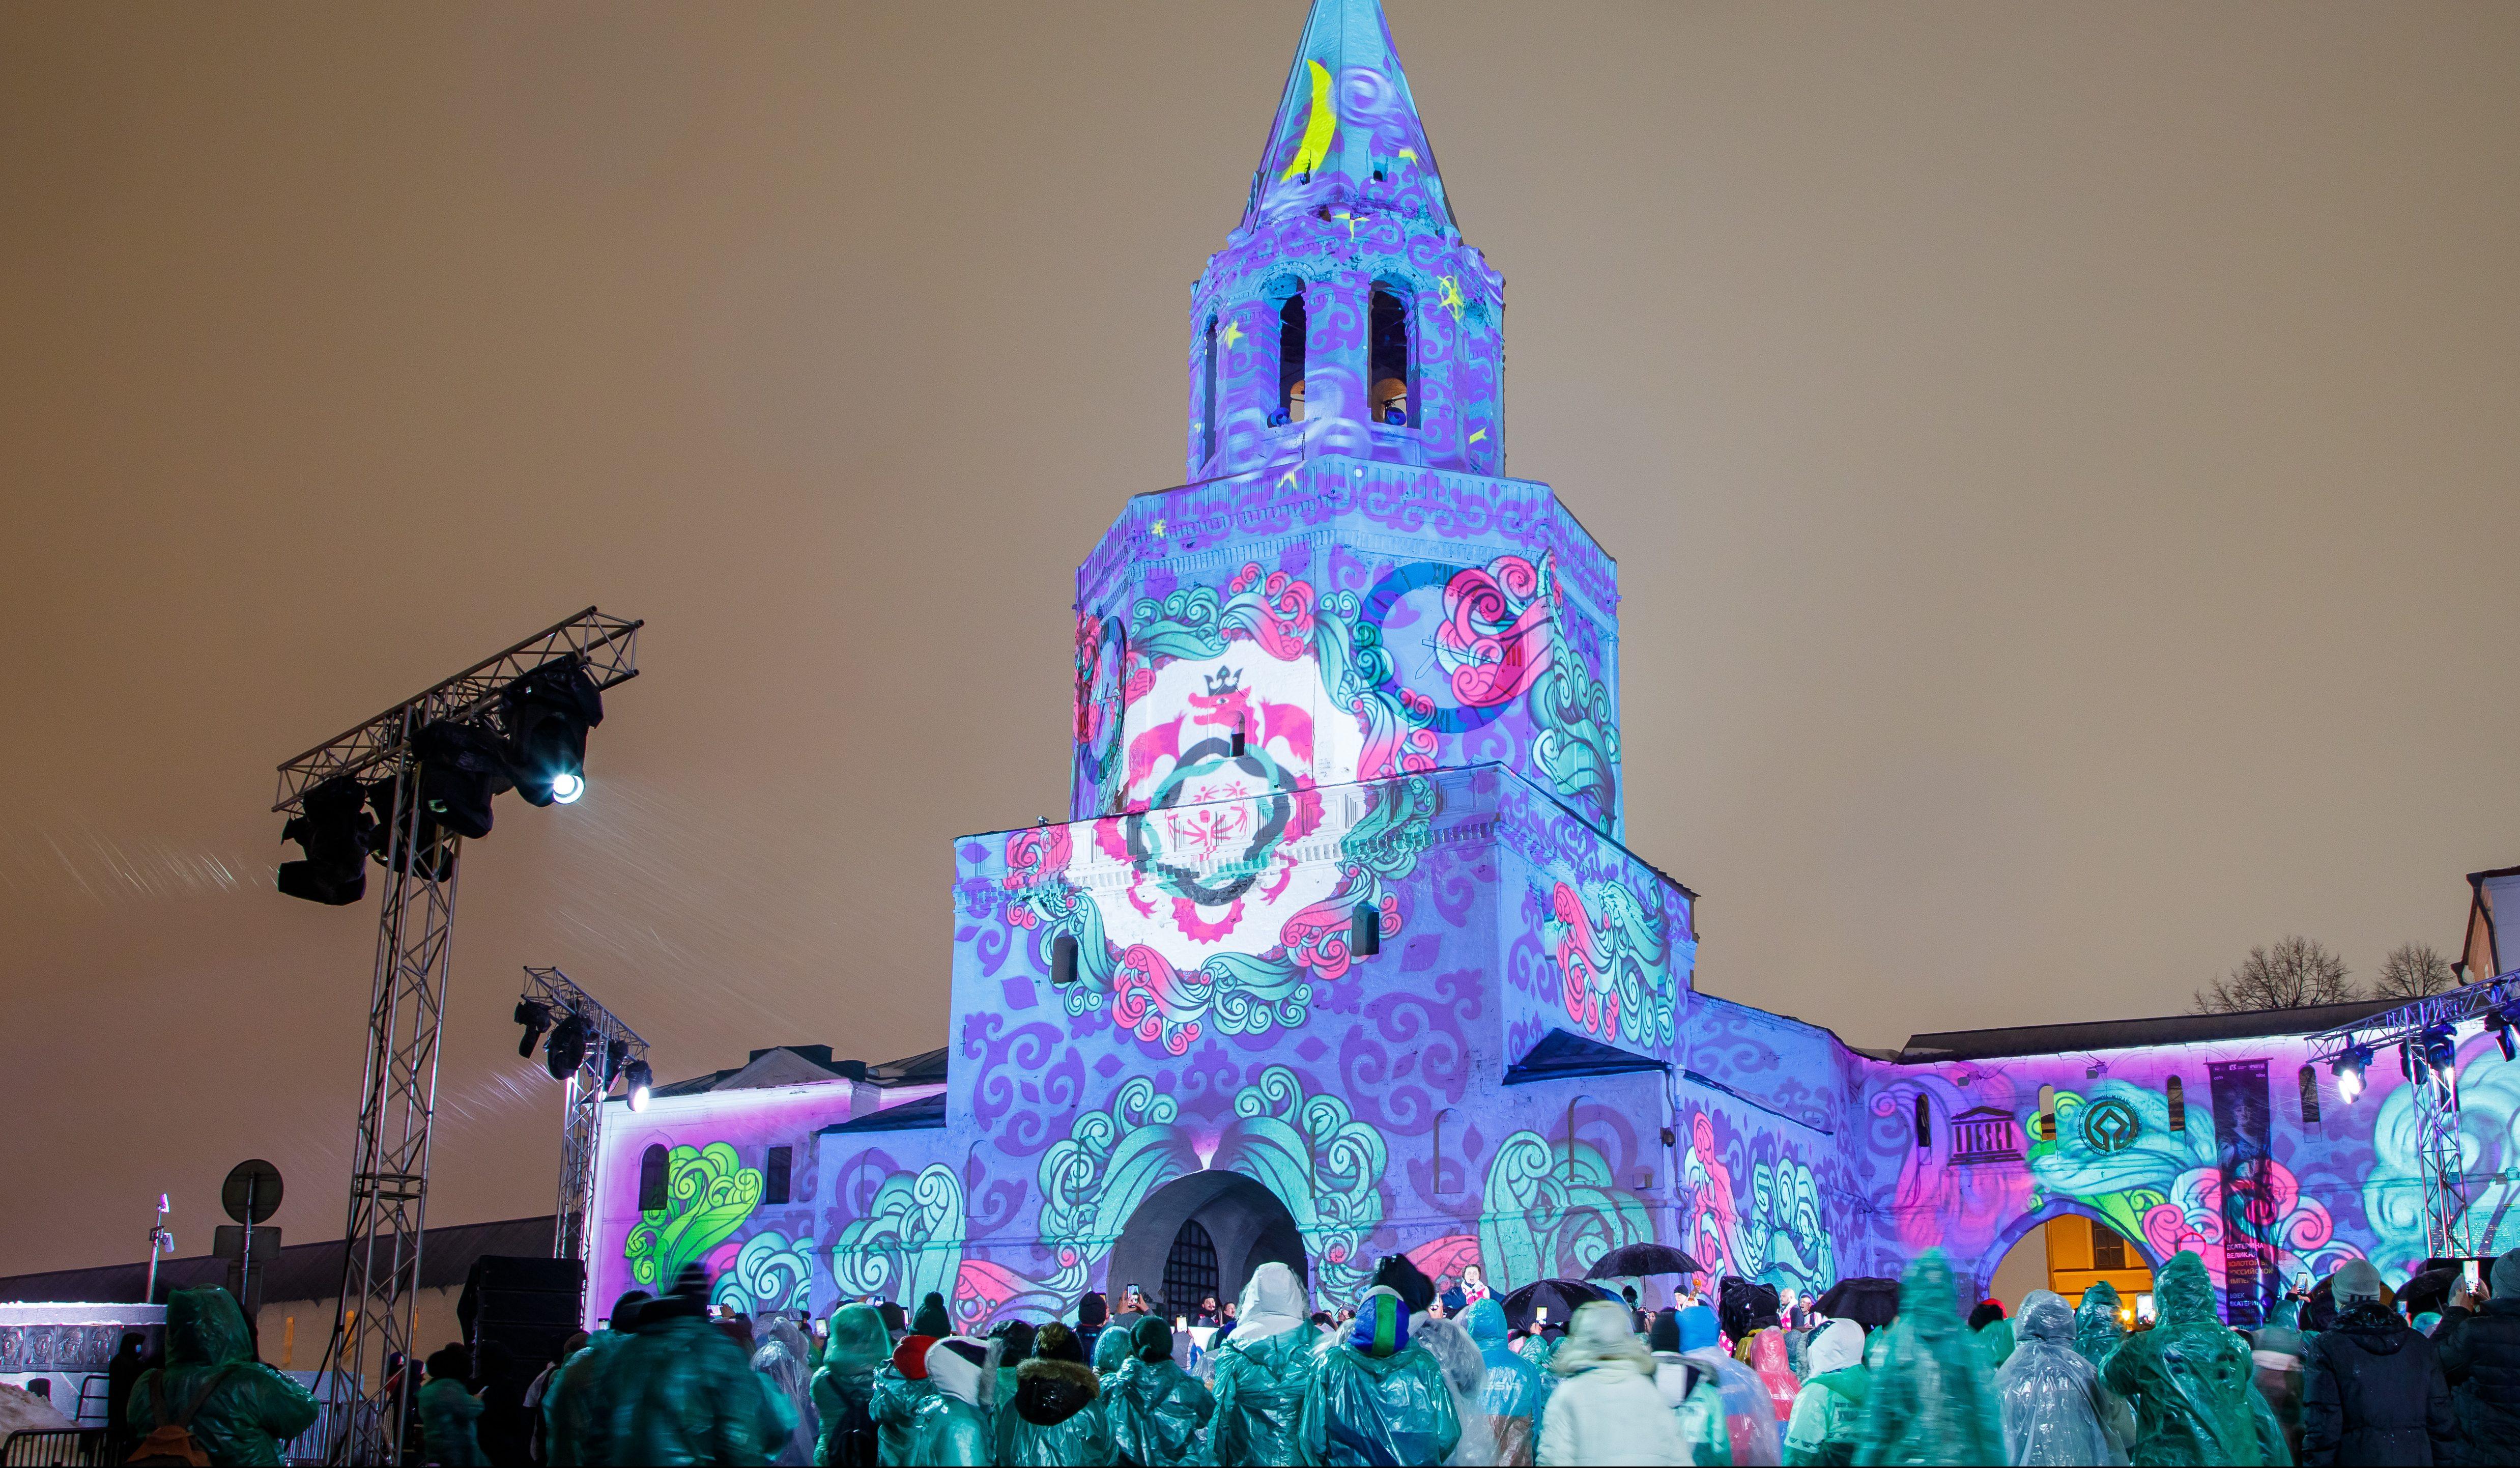 Талисманом Специальной Олимпиады 2022 стал мифический дракон Зилант, символ Казани